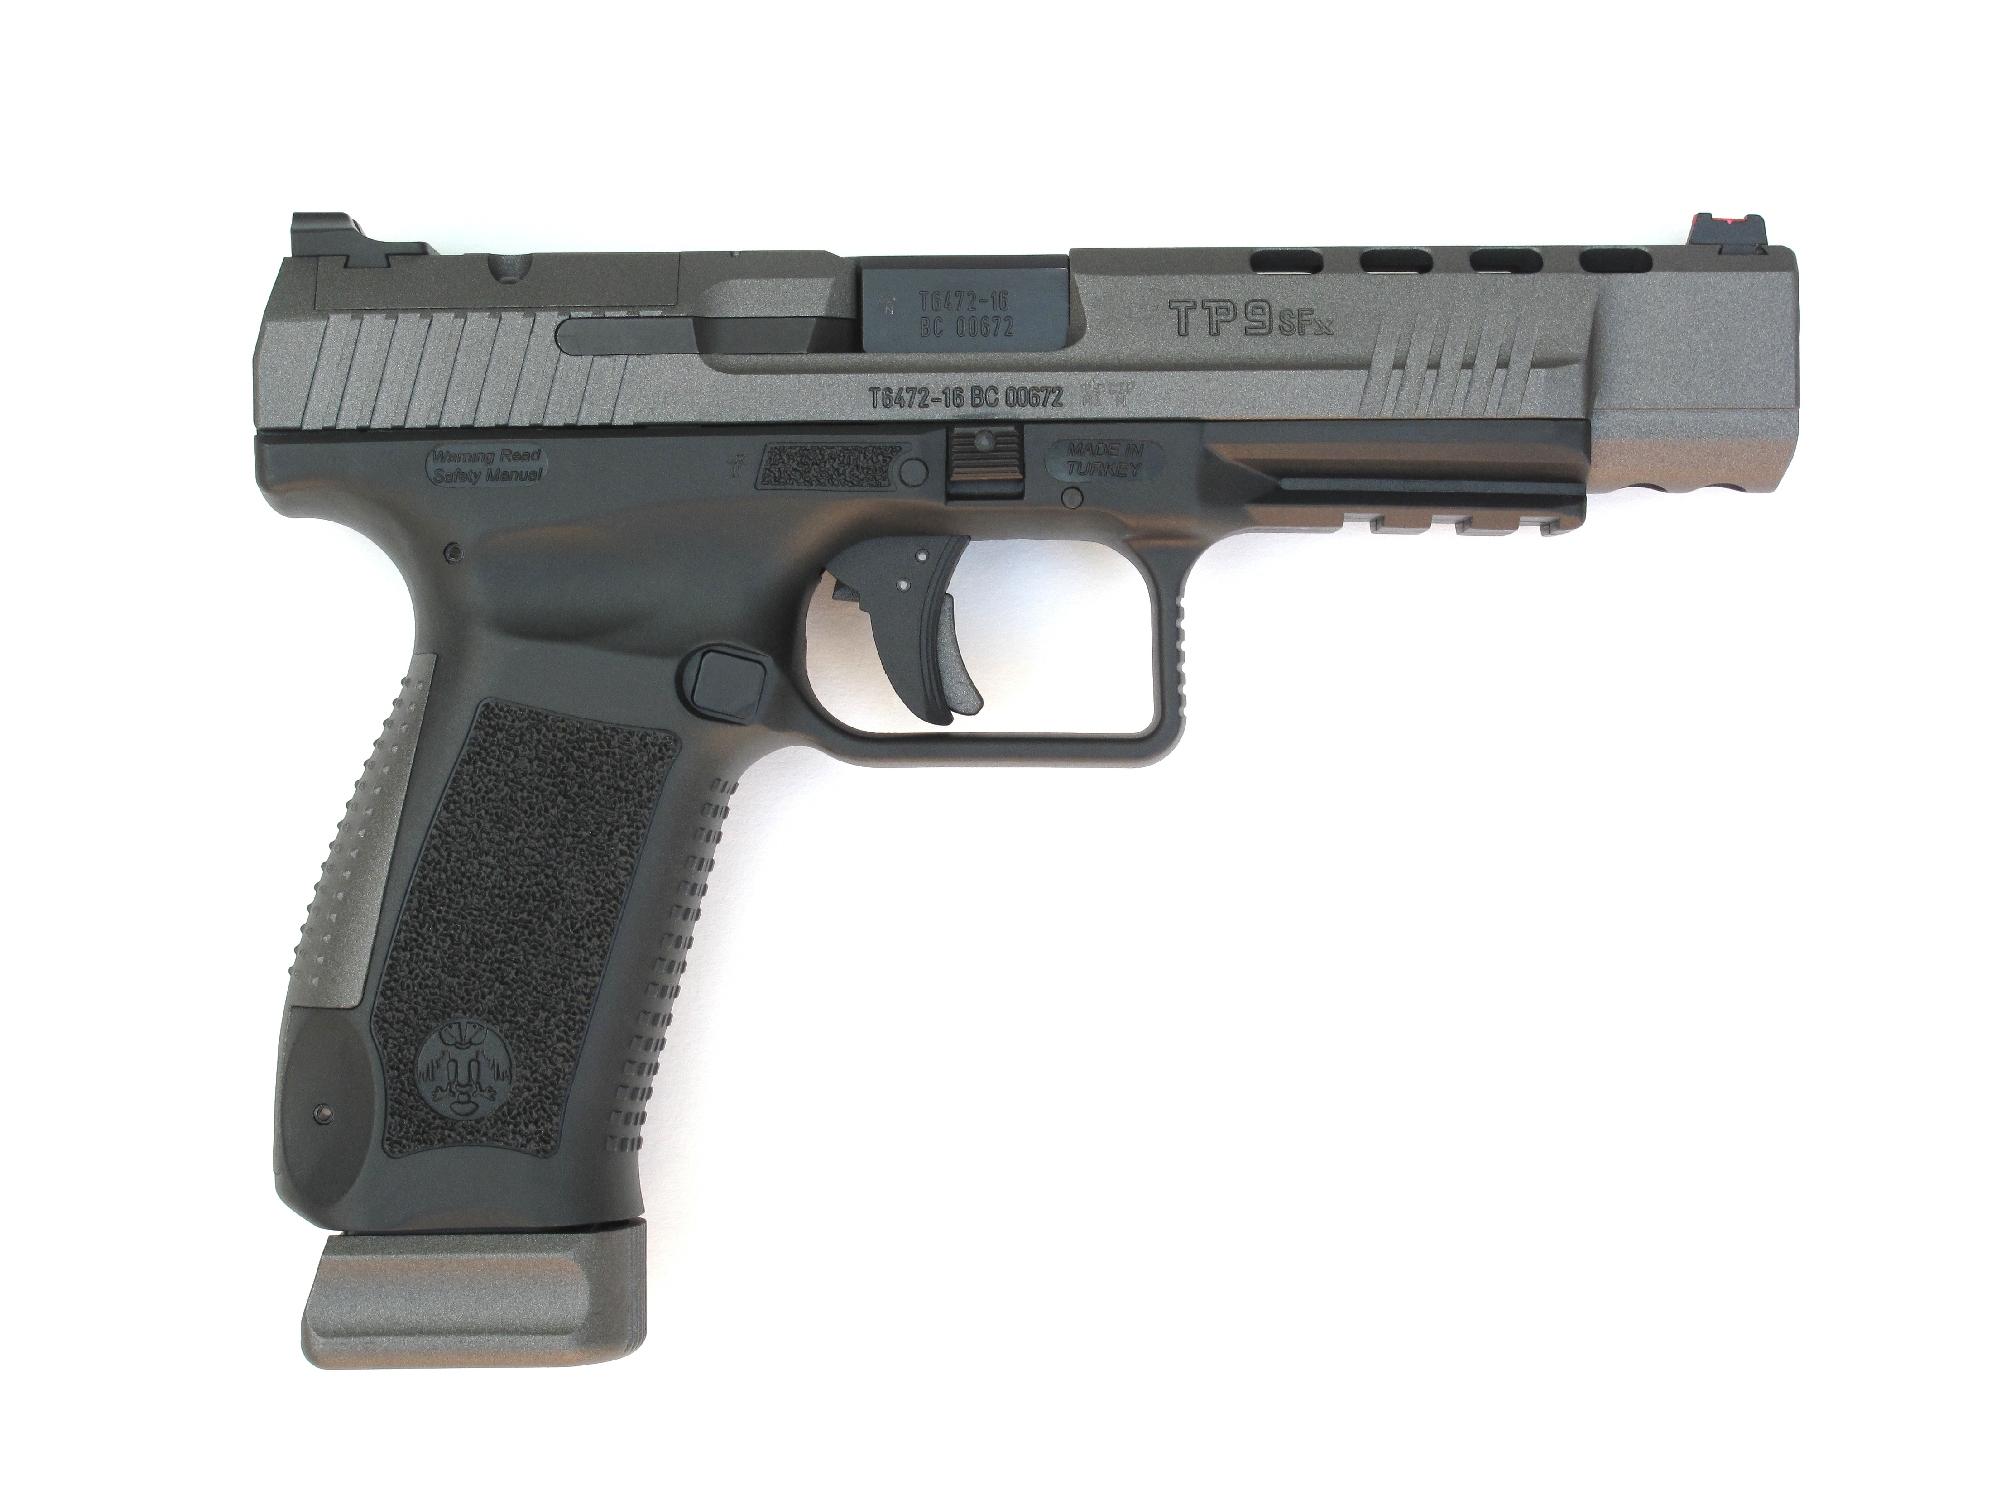 En l'absence de viseur optique, la partie supérieure de la culasse reçoit une platine en acier sur laquelle est installée à queue d'aronde une hausse signée par la firme américaine Warren Tactical.